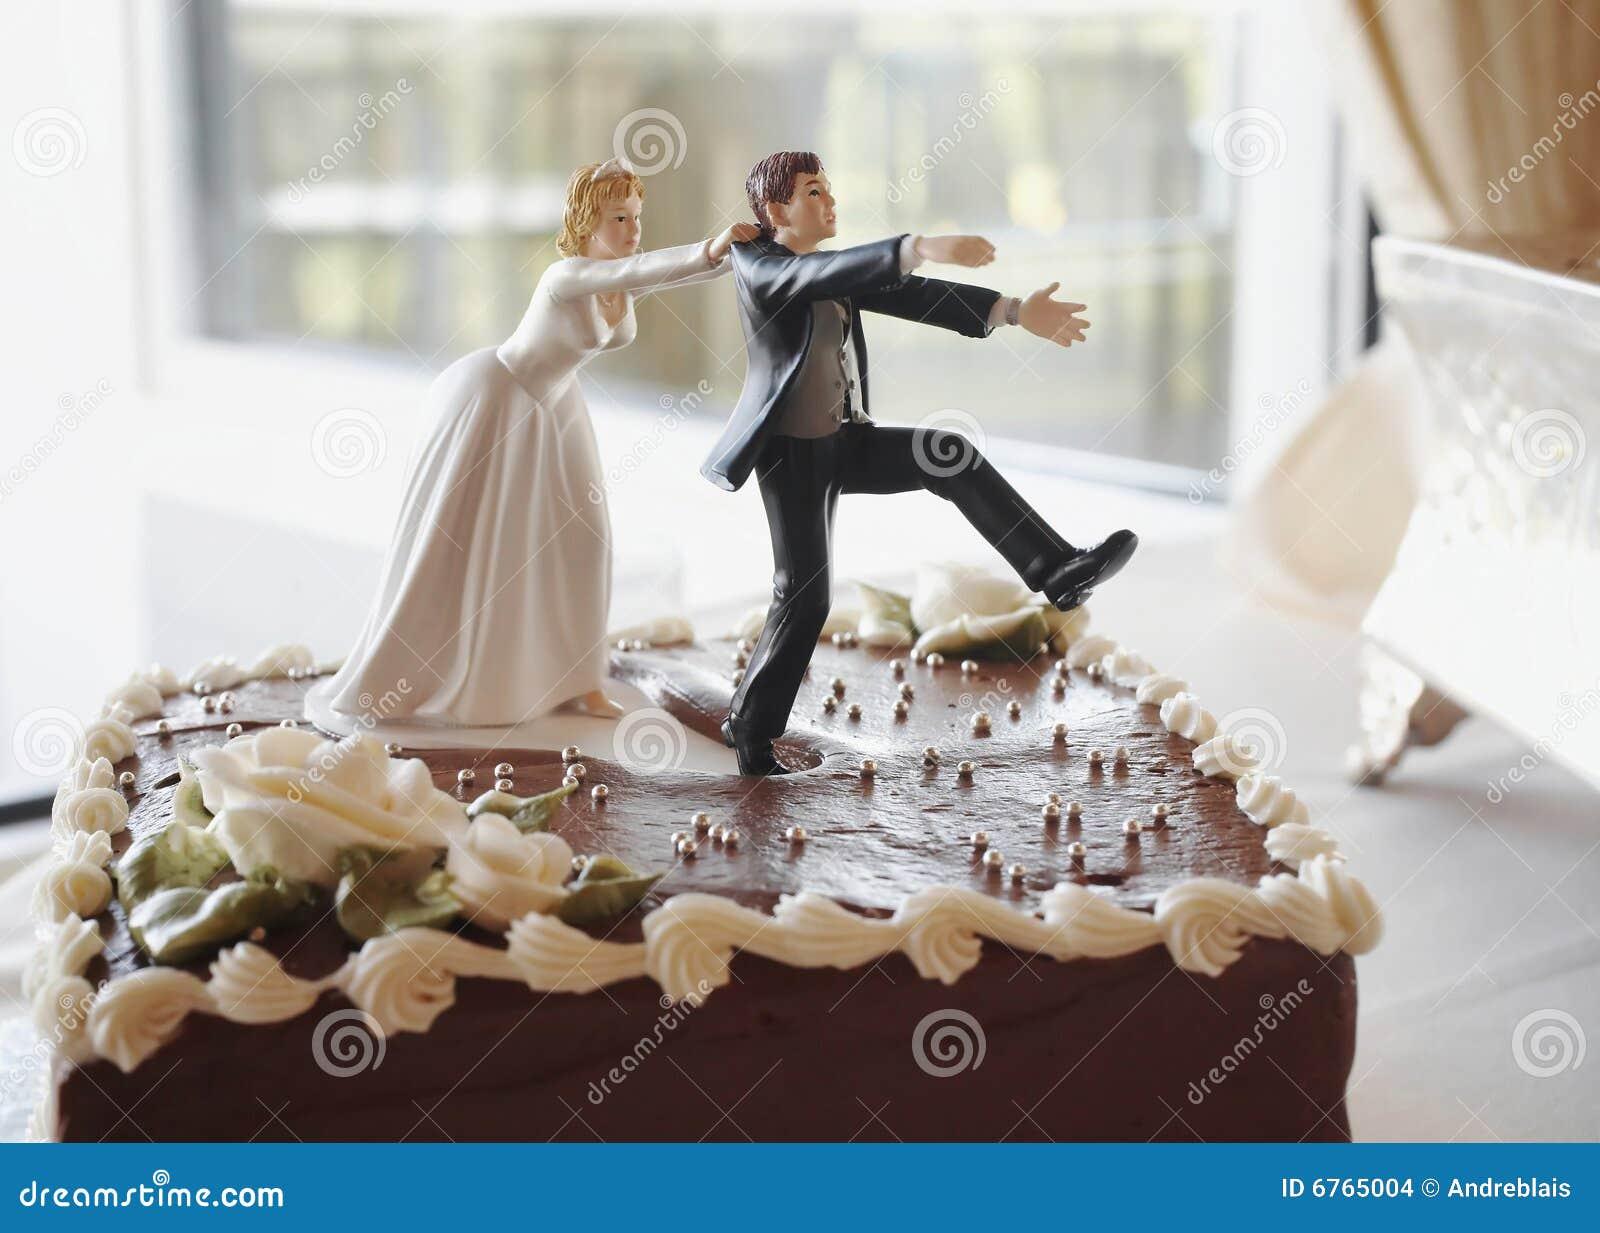 Mariée drôle de dessus de gâteau de mariage chassant le marié.